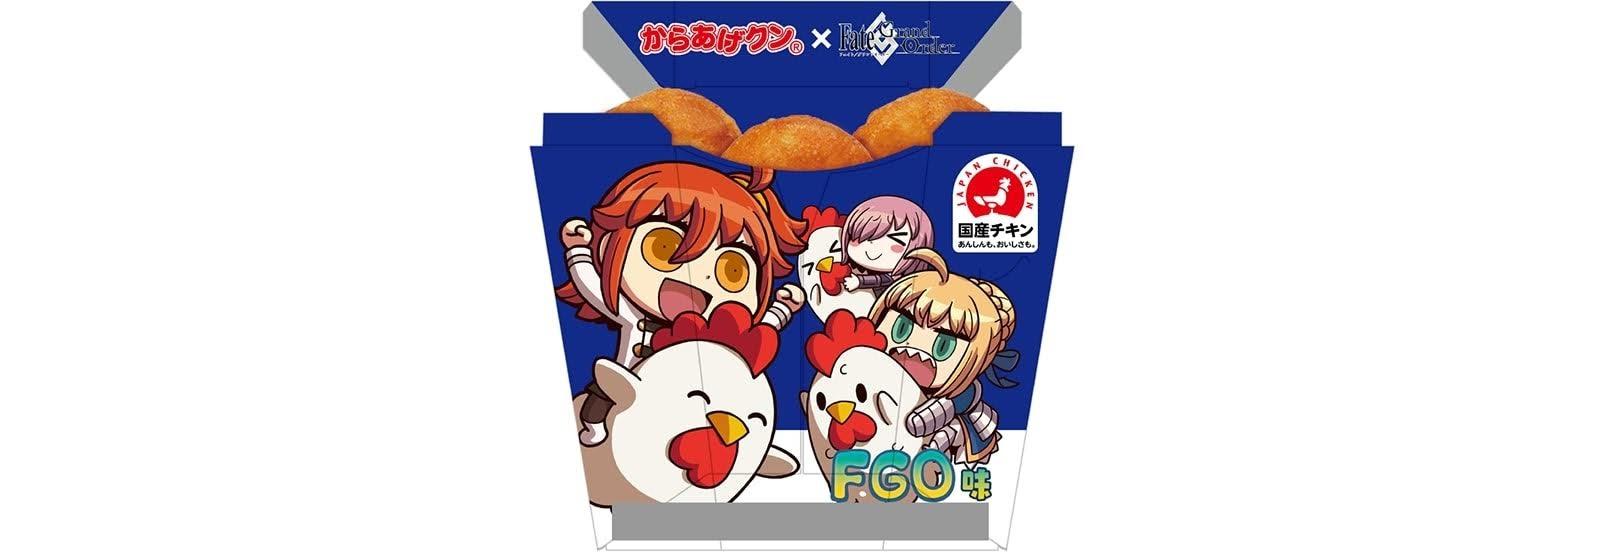 【FGO】リヨ先生のビックリマンチョコwww「ローソン Fate/Grand Order キャンペーン」開催決定!   FGOまとめ速報